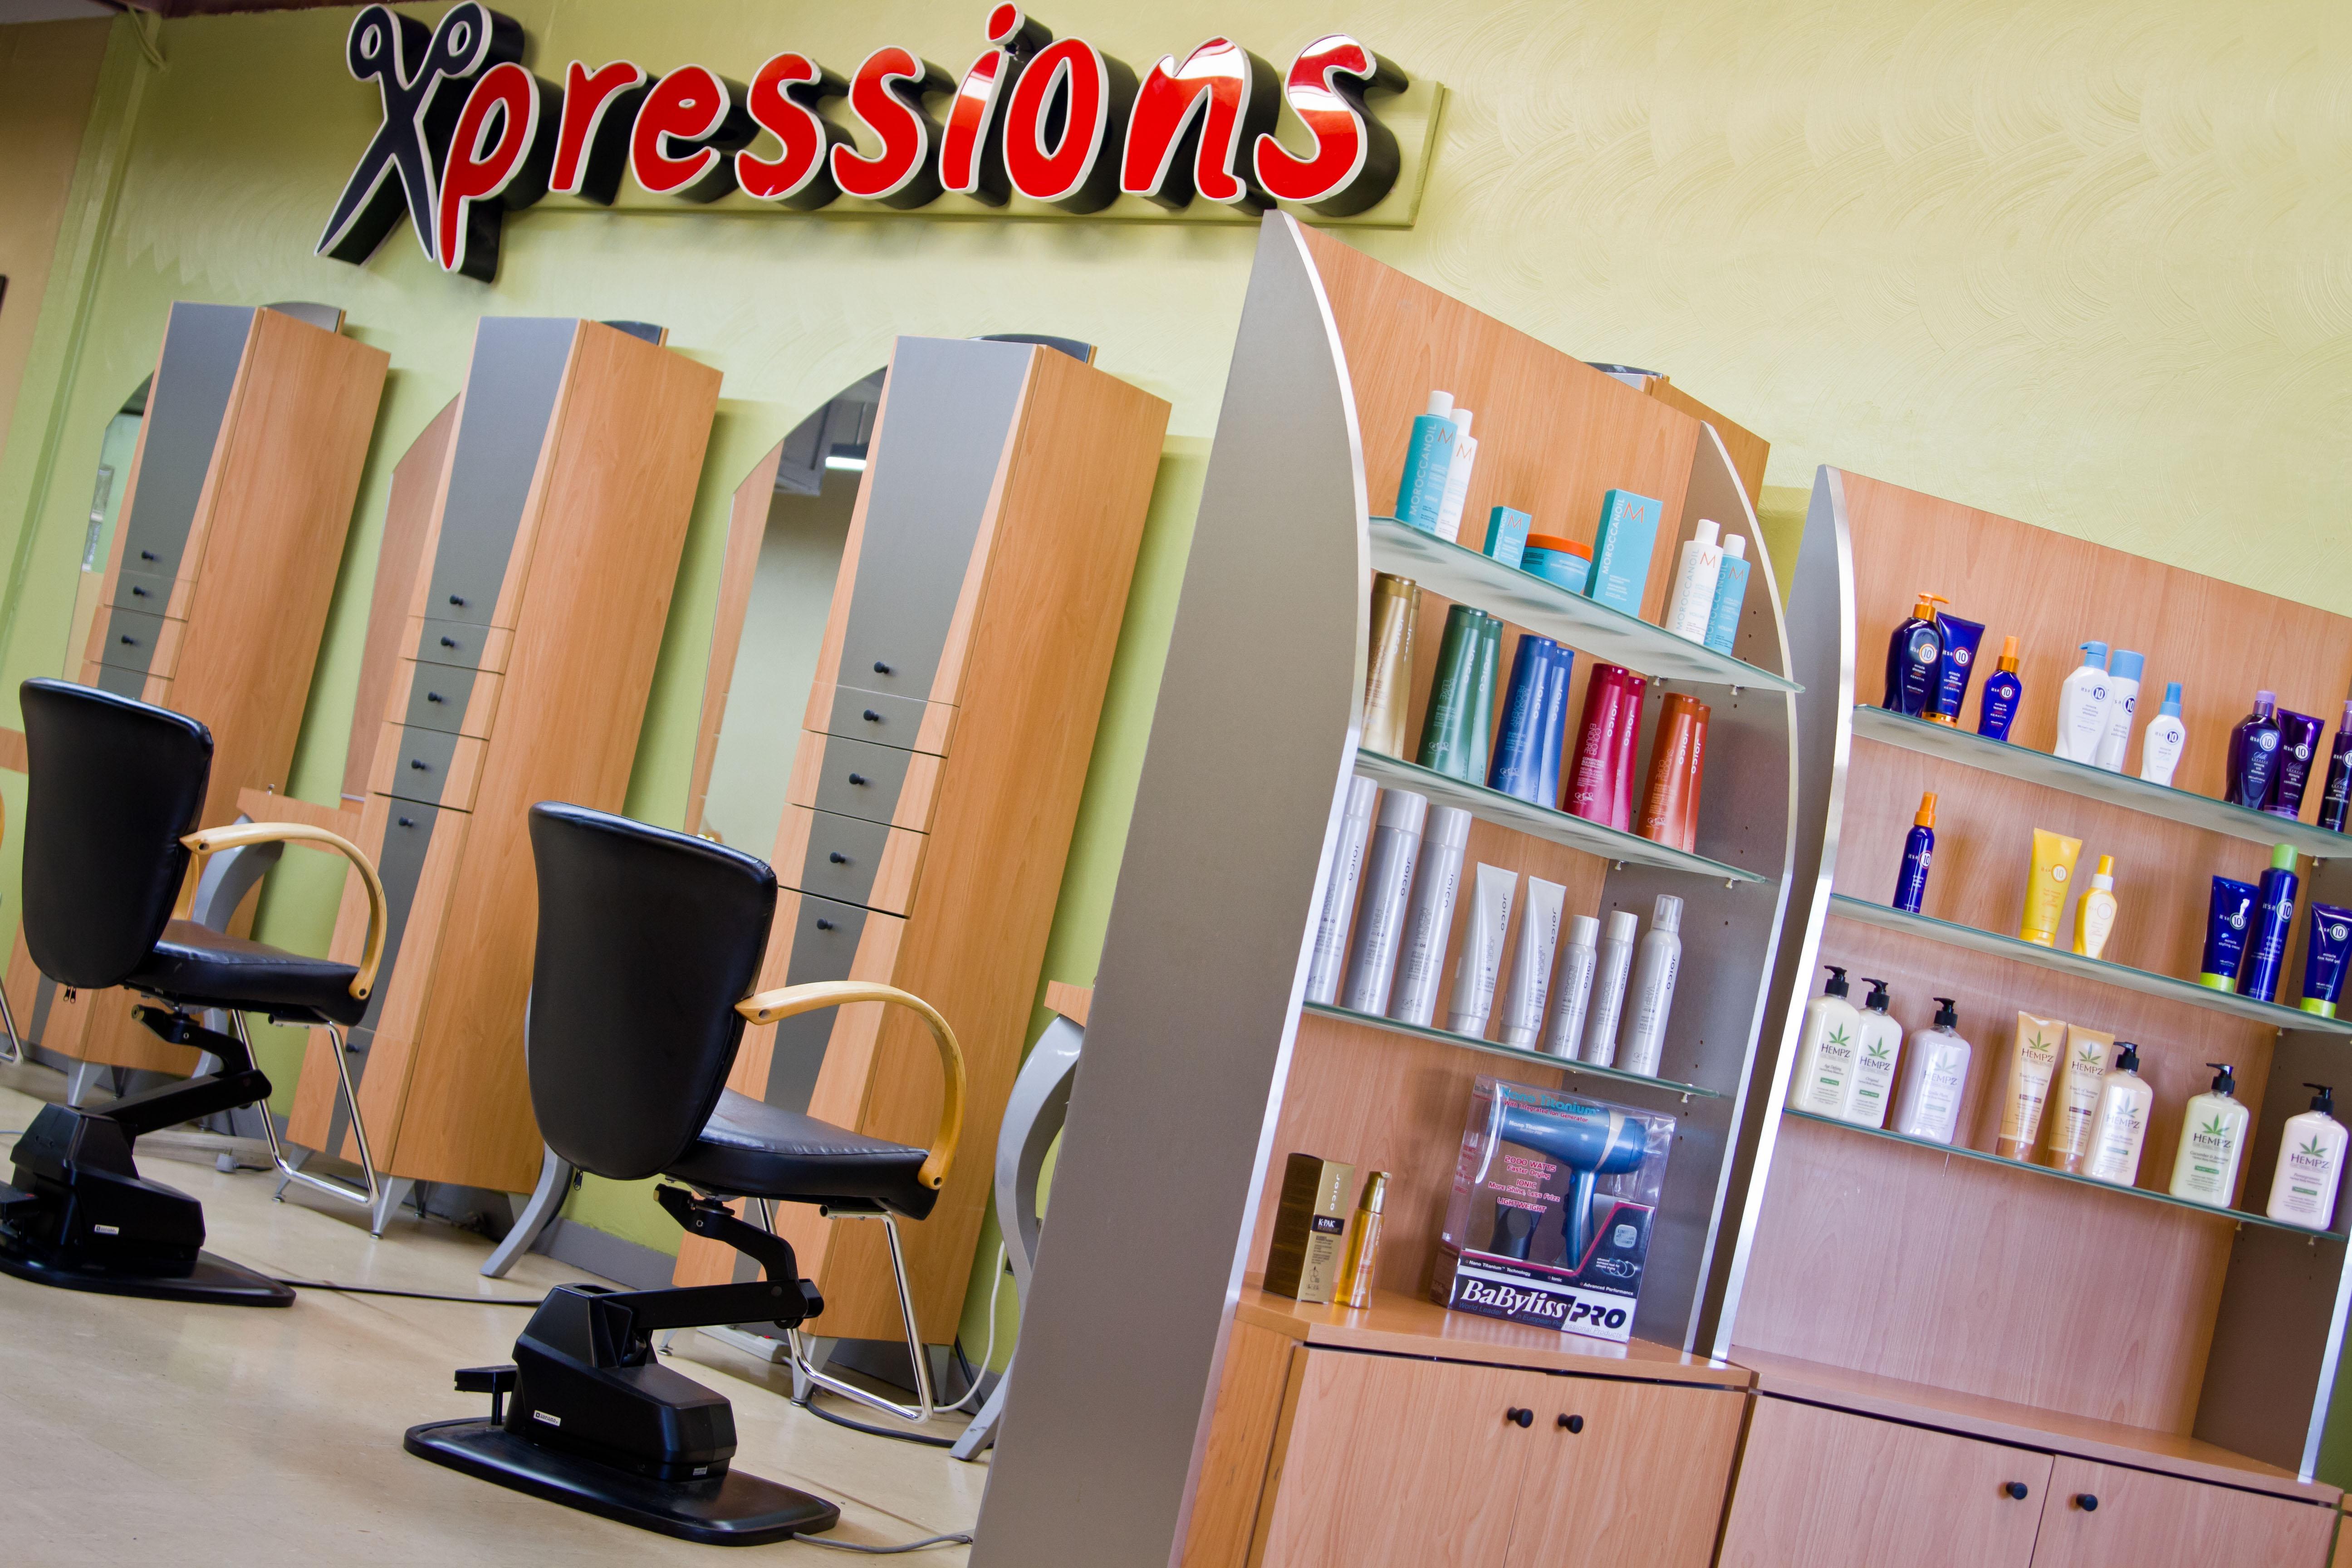 Xpressions Hair Salon, Chesapeake VA